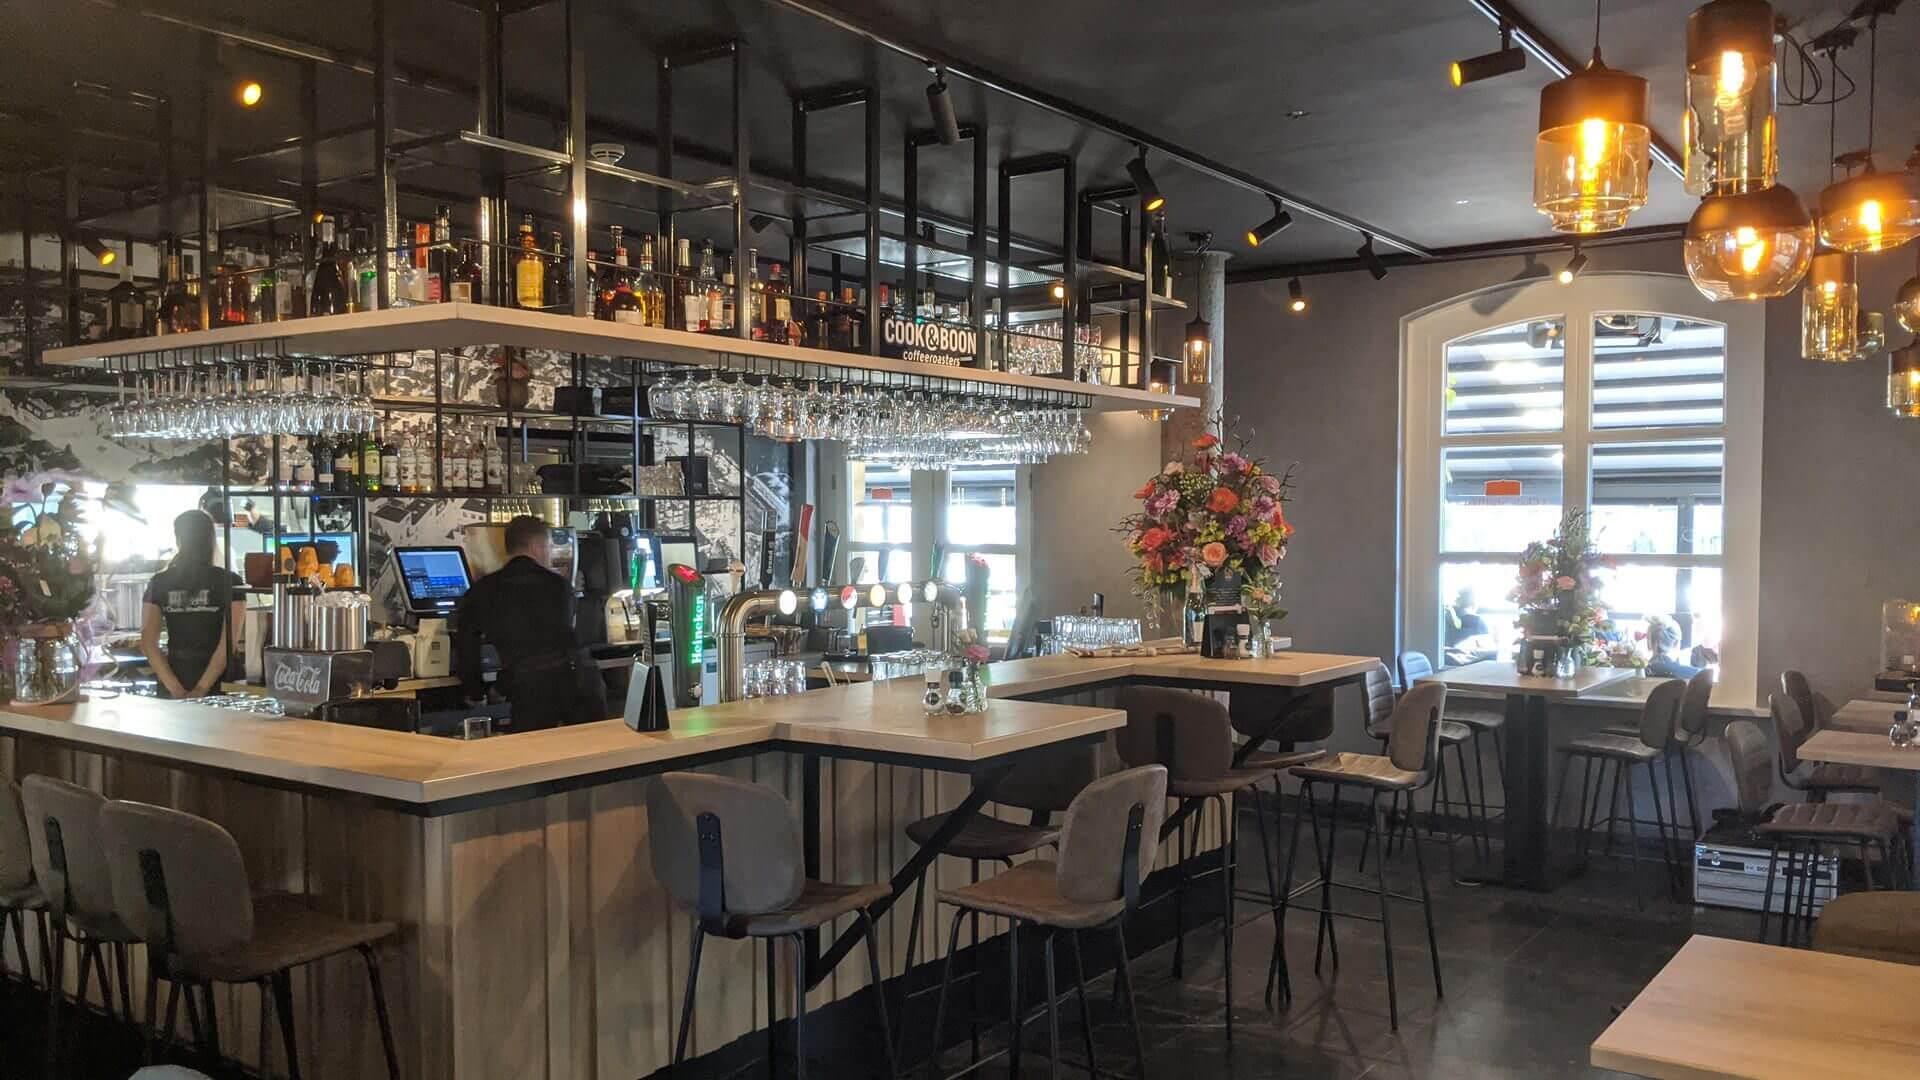 restaurant-slide1.jpg